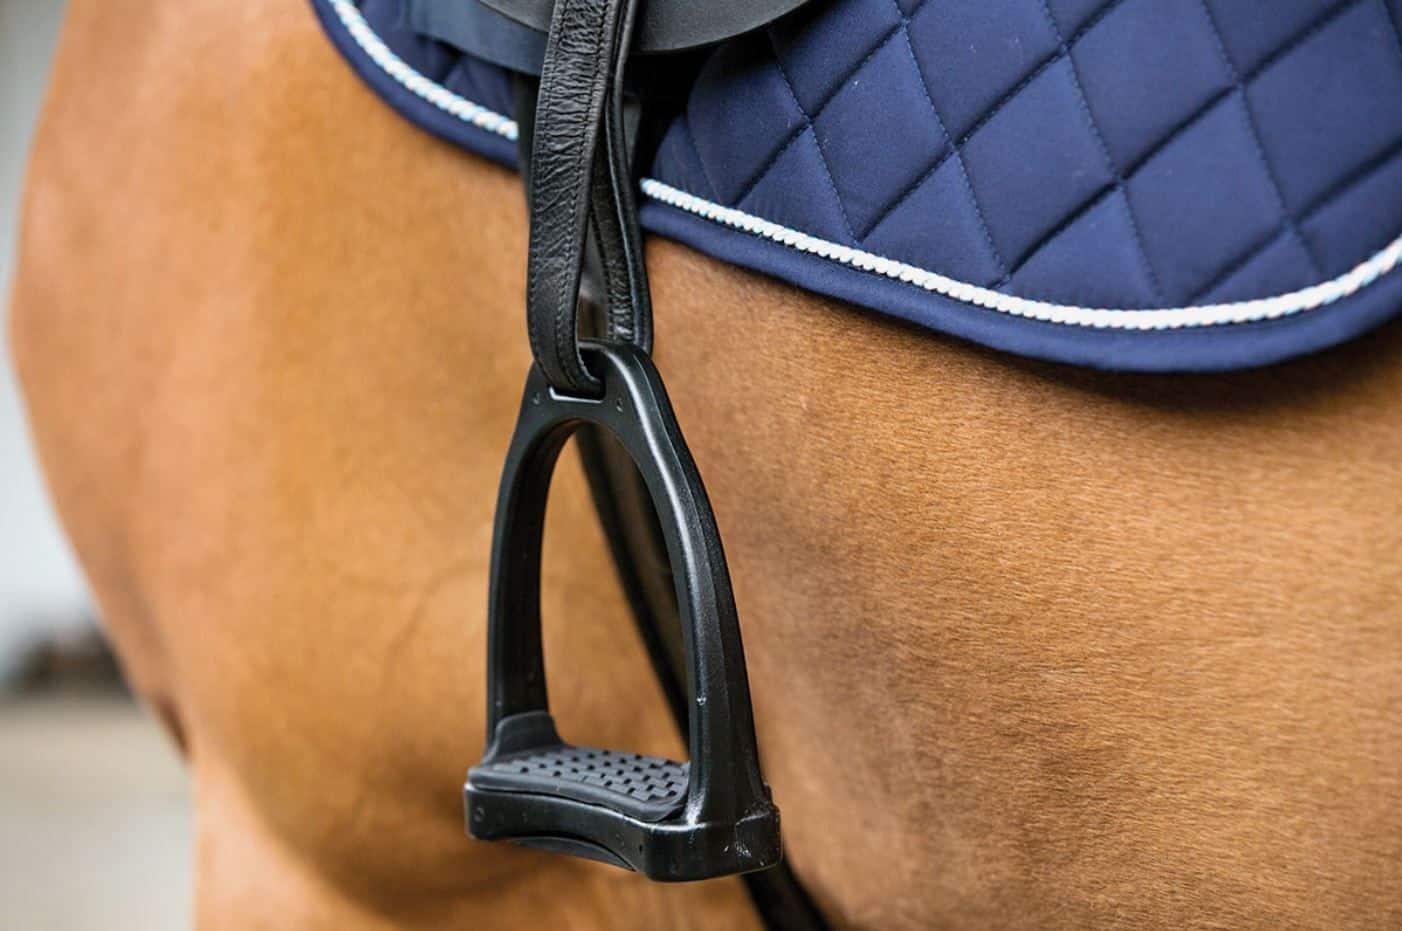 Stigbøjler fungerer som hjælp til at bestige hesten samt til at have optimal kontrol under ridning